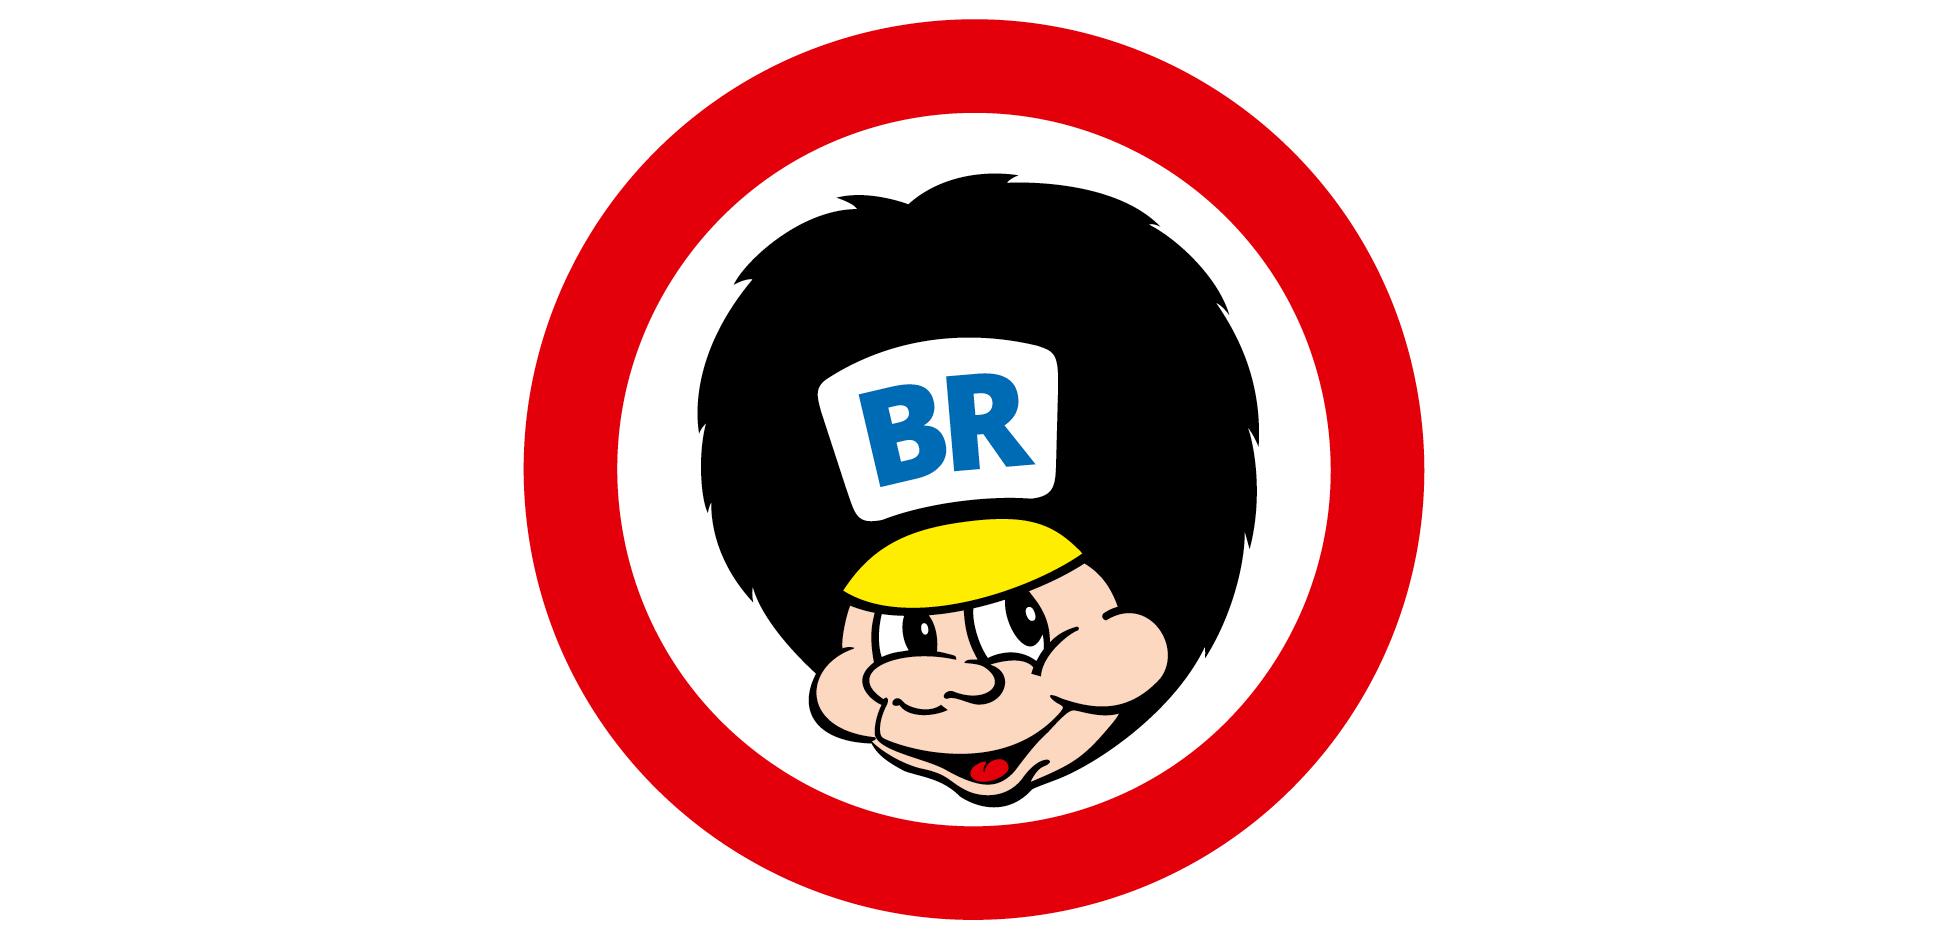 BR-Legetoej_2